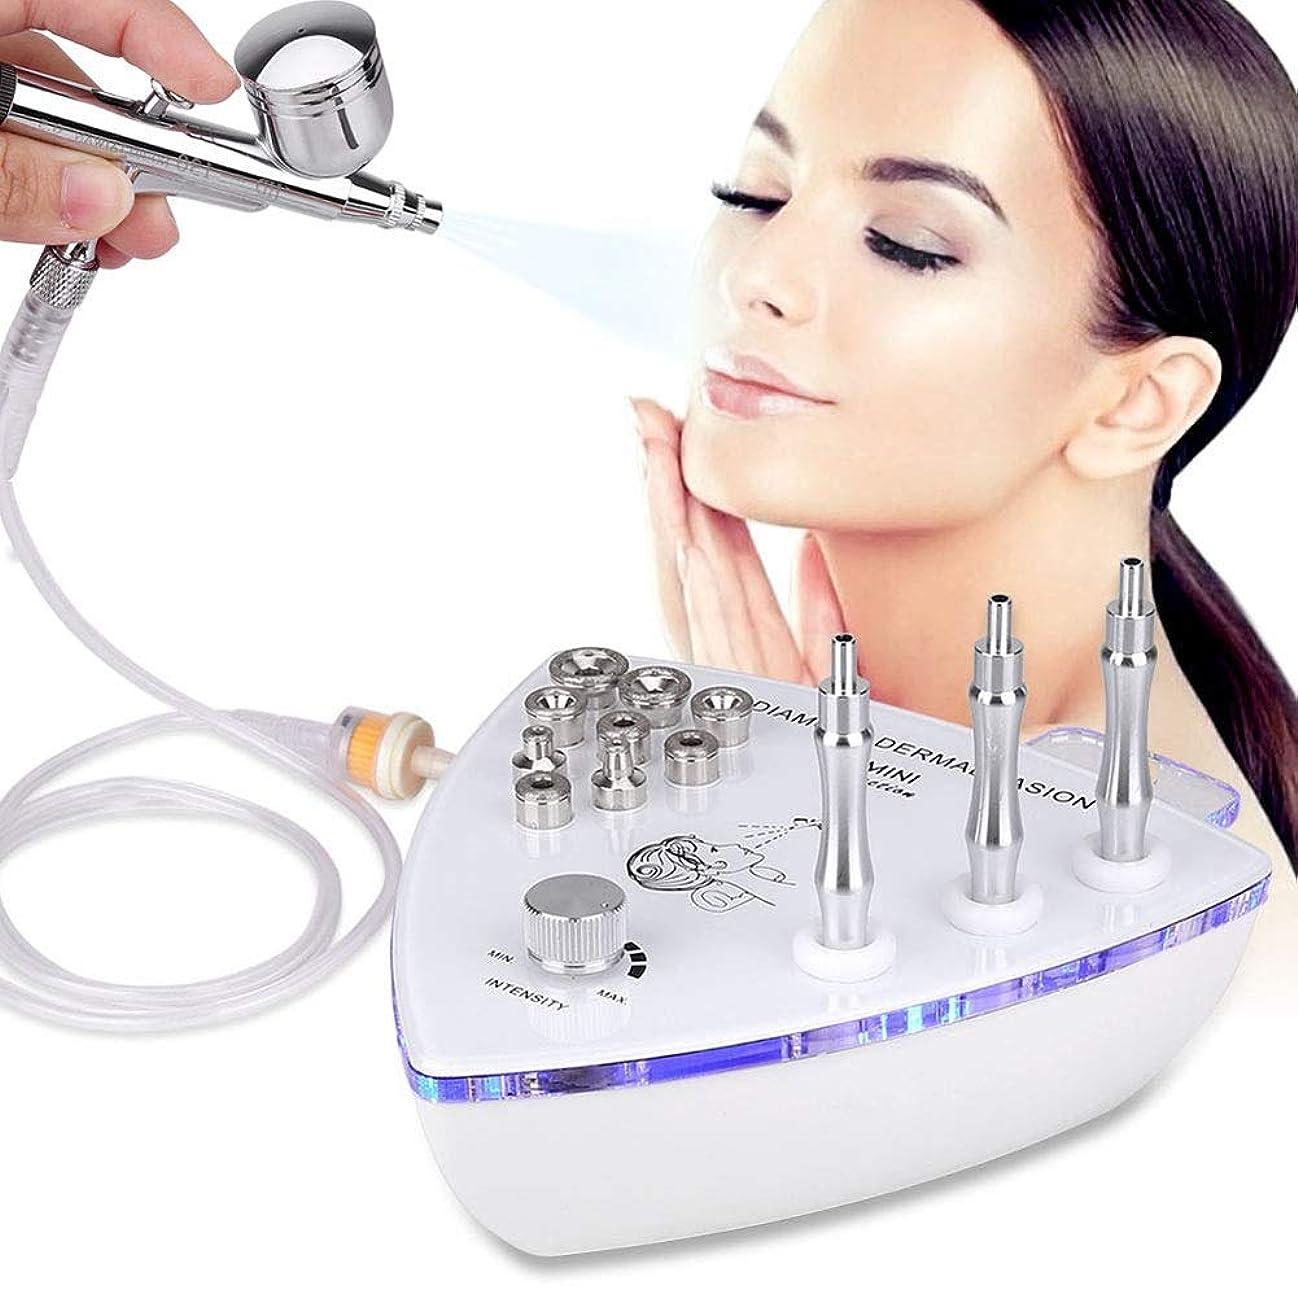 悪化させるケントつぶやき2で1マイクロダーマブレーションと酸素スプレーフェイスクレンジング肌の若返り美容機で1ダイヤモンド皮膚剥離機